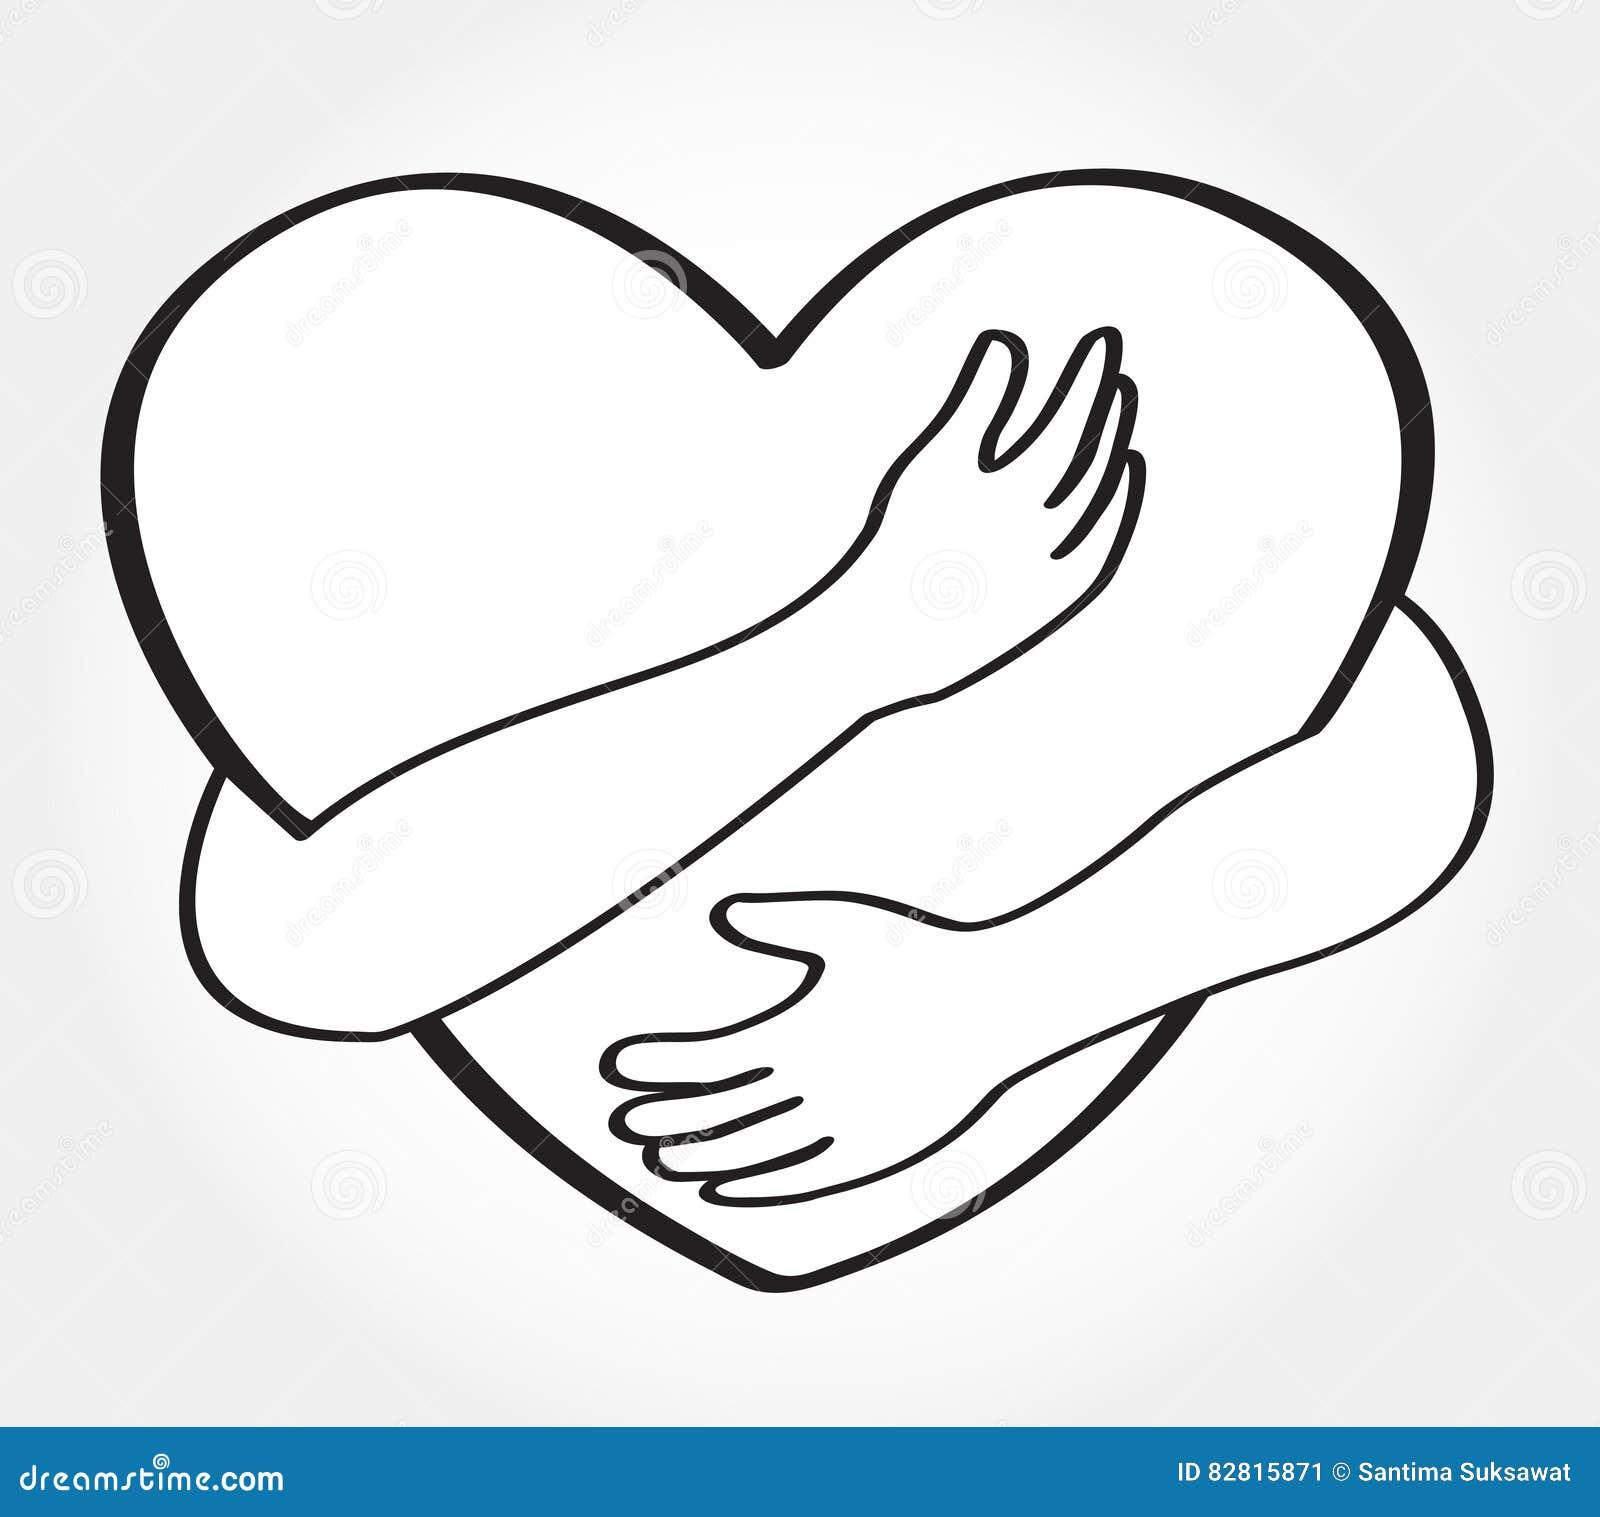 Hug the heart love yourself symbol stock vector illustration hug the heart love yourself symbol buycottarizona